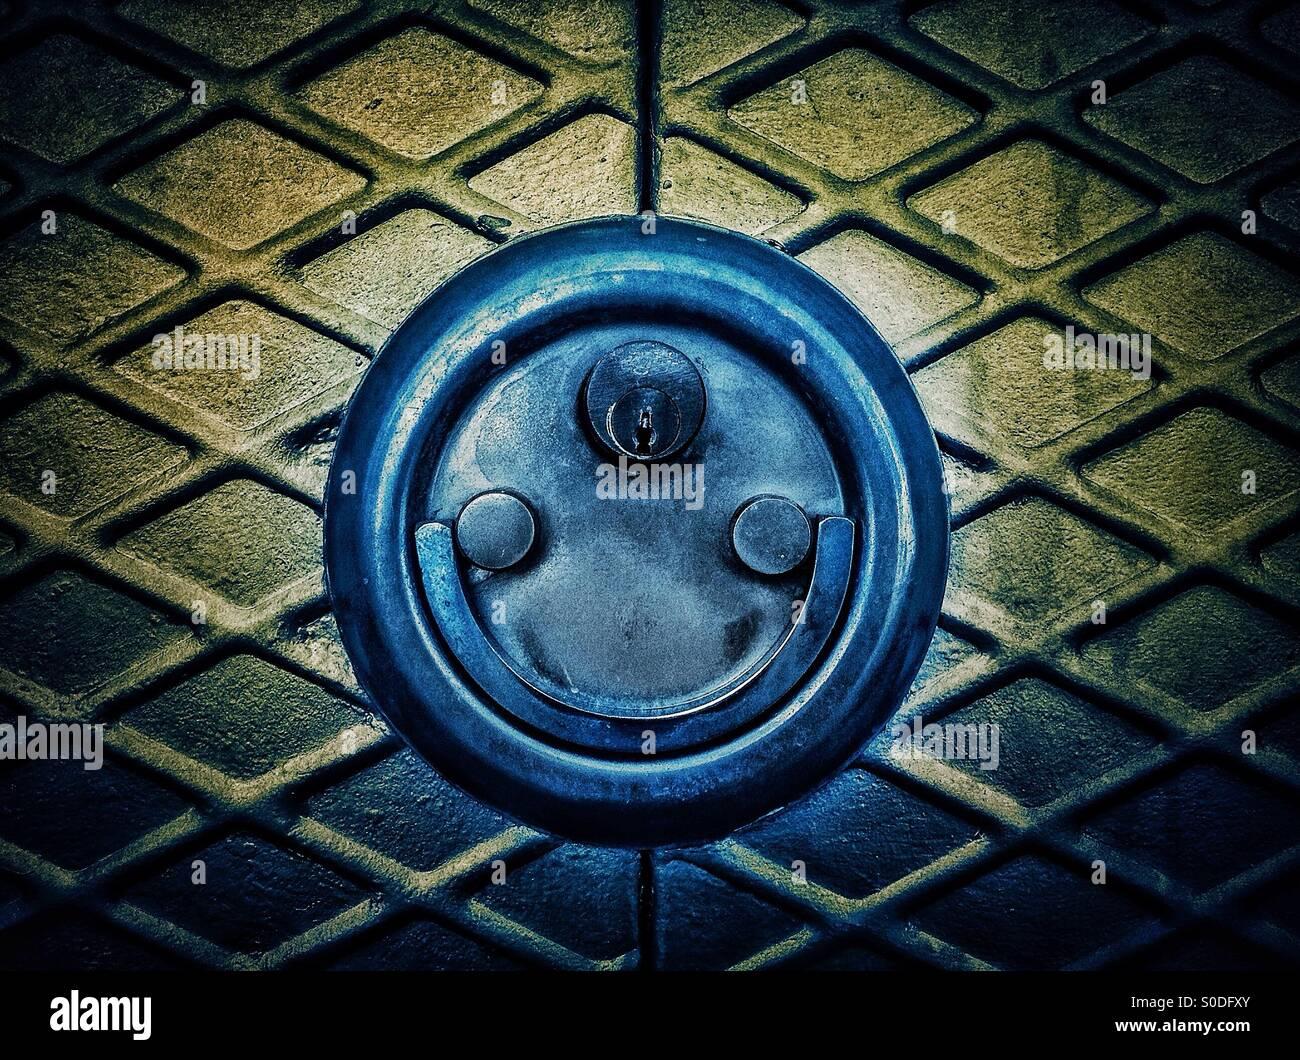 Door lock padlock smiling. Faces in objectsStock Photo